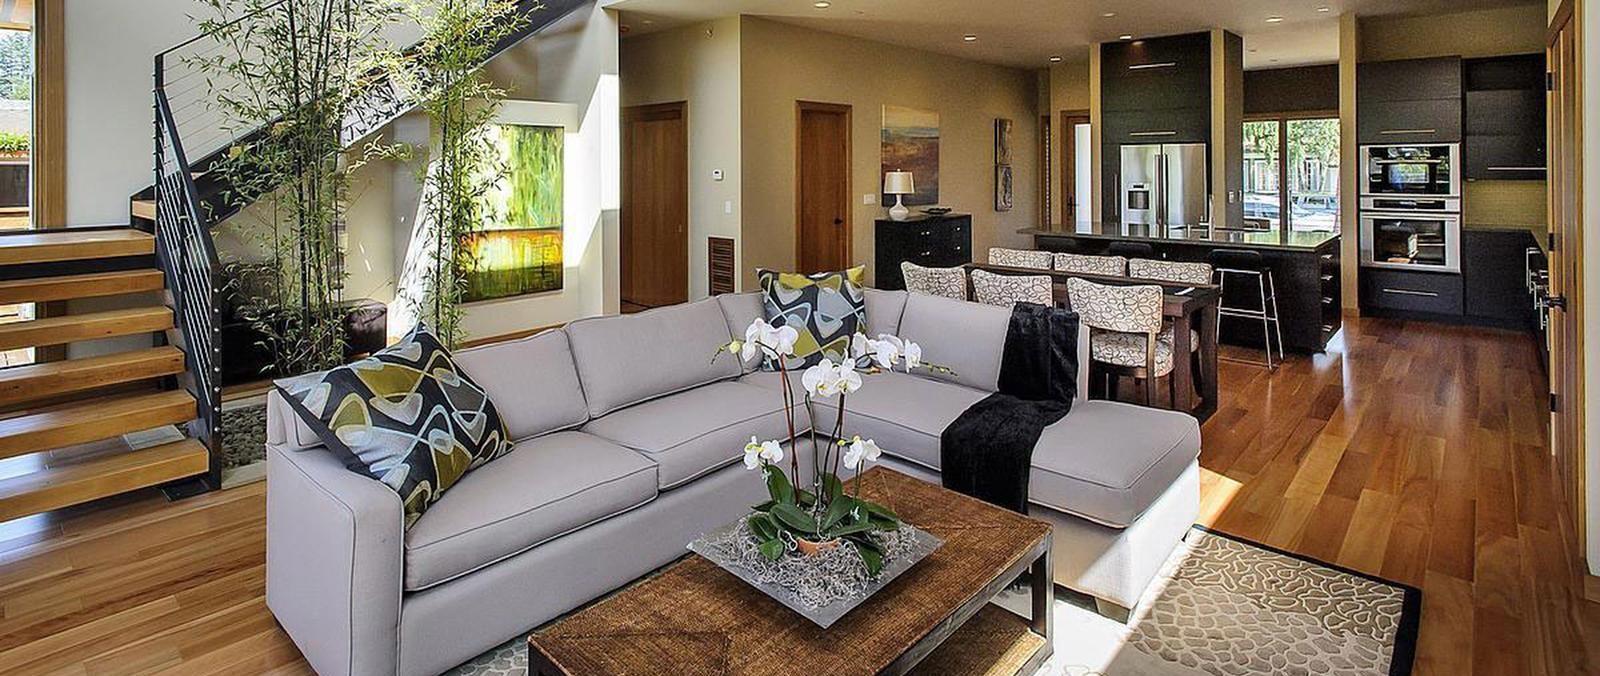 Devenir rentier en louant des appartements image